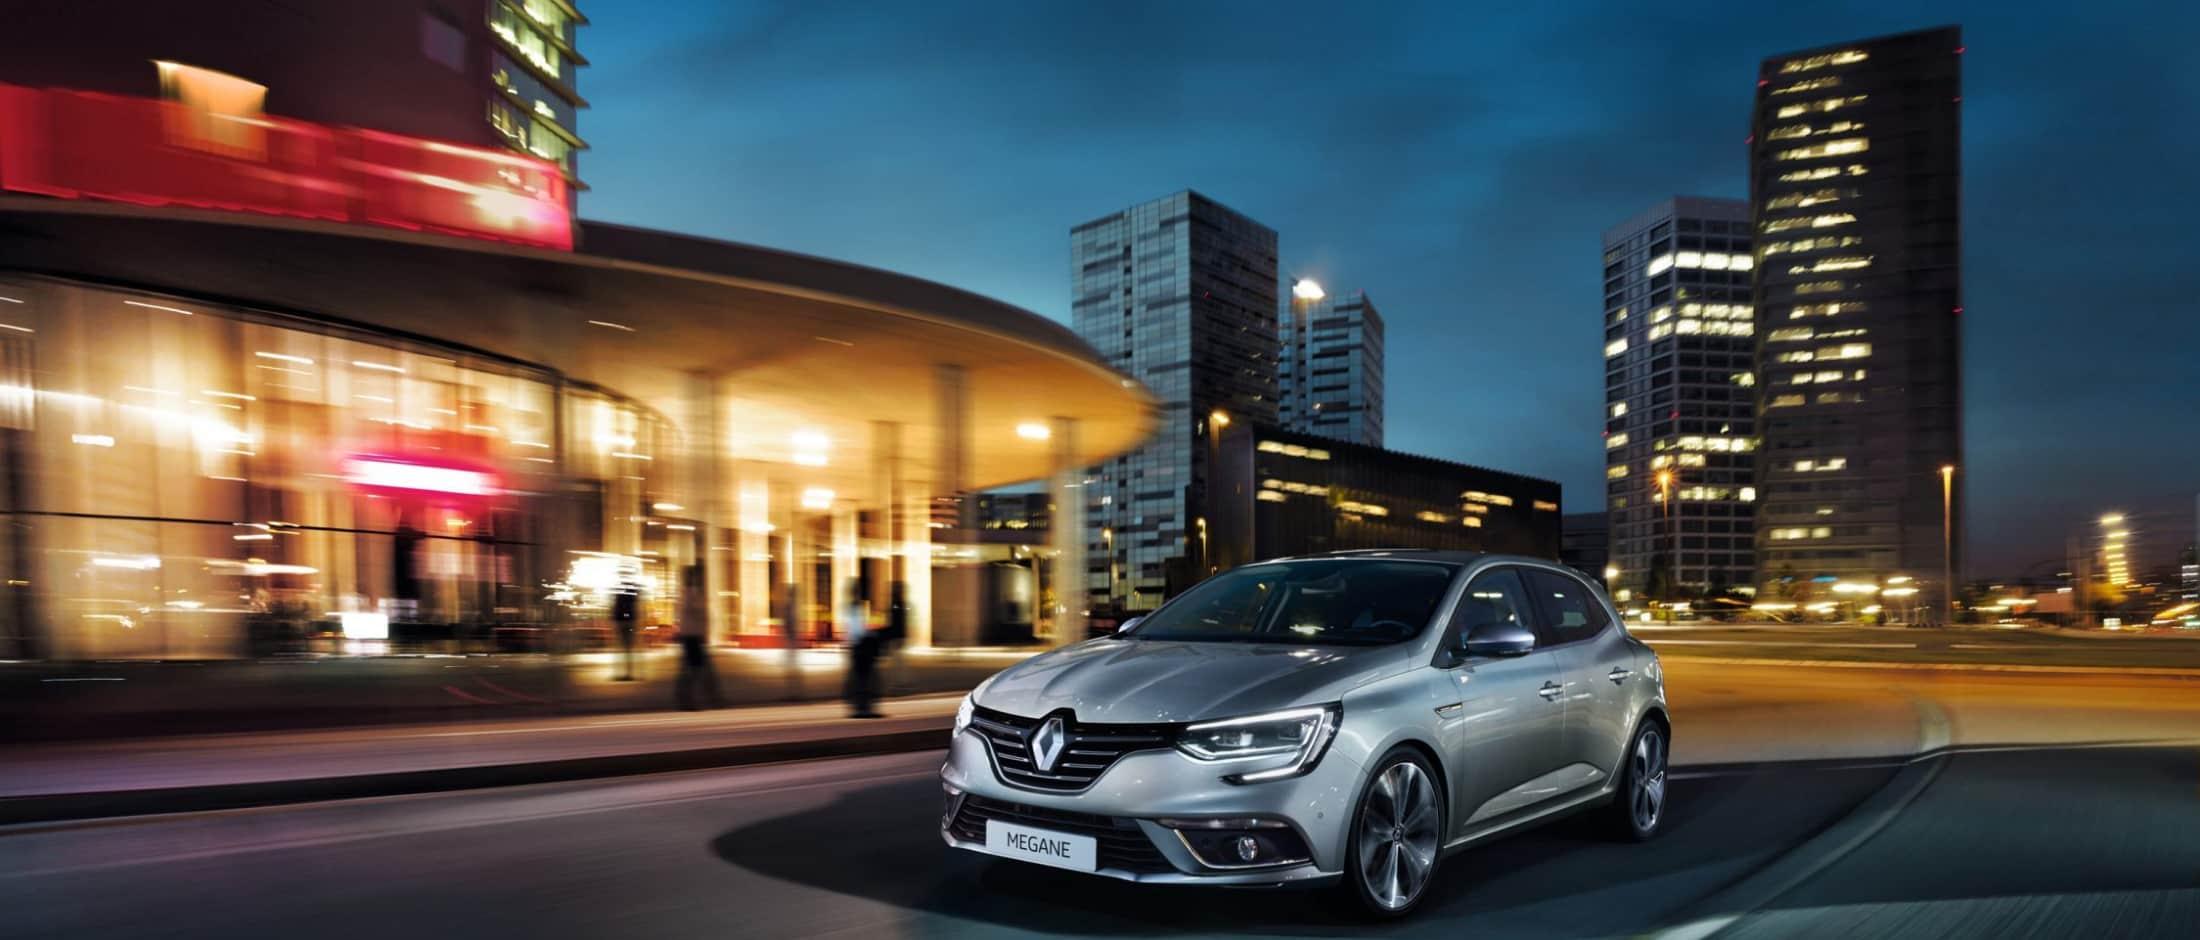 Renault Megane kjører i by om natten